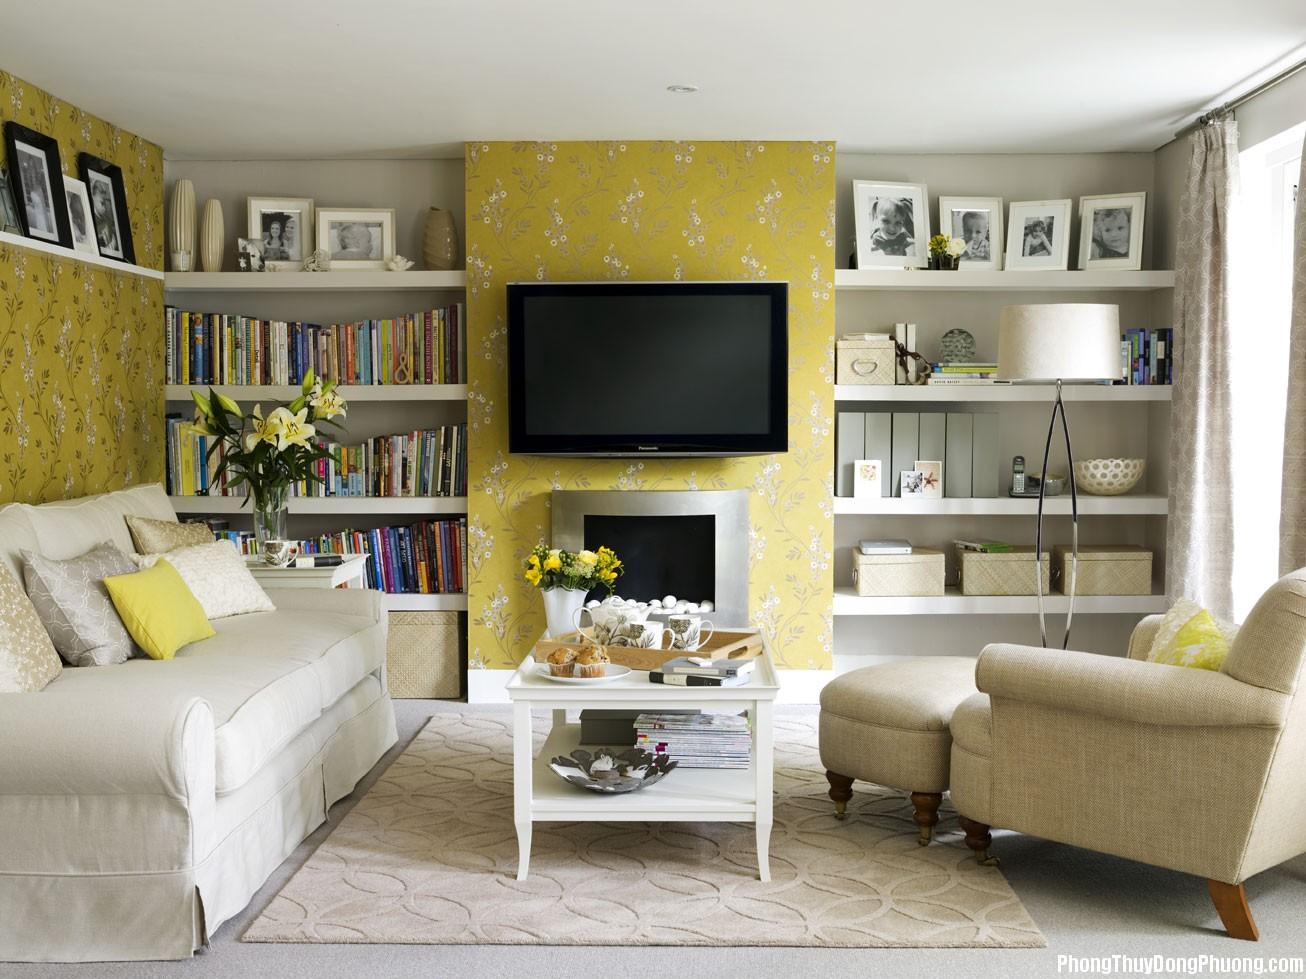 linh hut tai loc vao nha nho chon lua va bay tri sofa ban tra theo phong thuy 460a926d99 8 nguyên tắc trong lựa chọn và cách bài trí bàn ghế phòng khách để hút tài lộc vào nhà